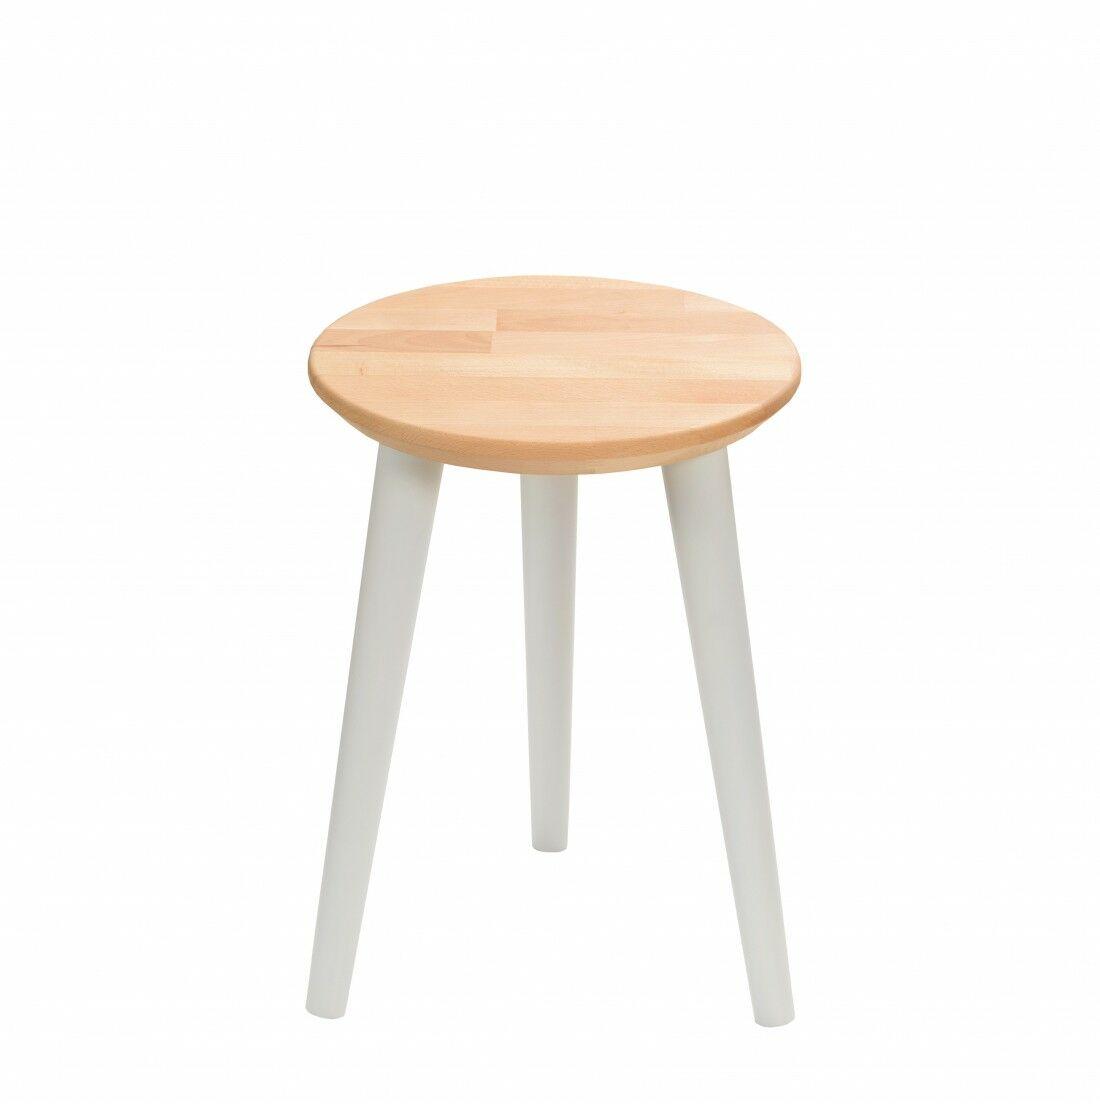 Taboret drewniany okrągły z litego buka Olejowany buk - Natural, Wykończenie nogi - Szary, Wysokość - 410, Wymiar siedziska (Średnica) - 300